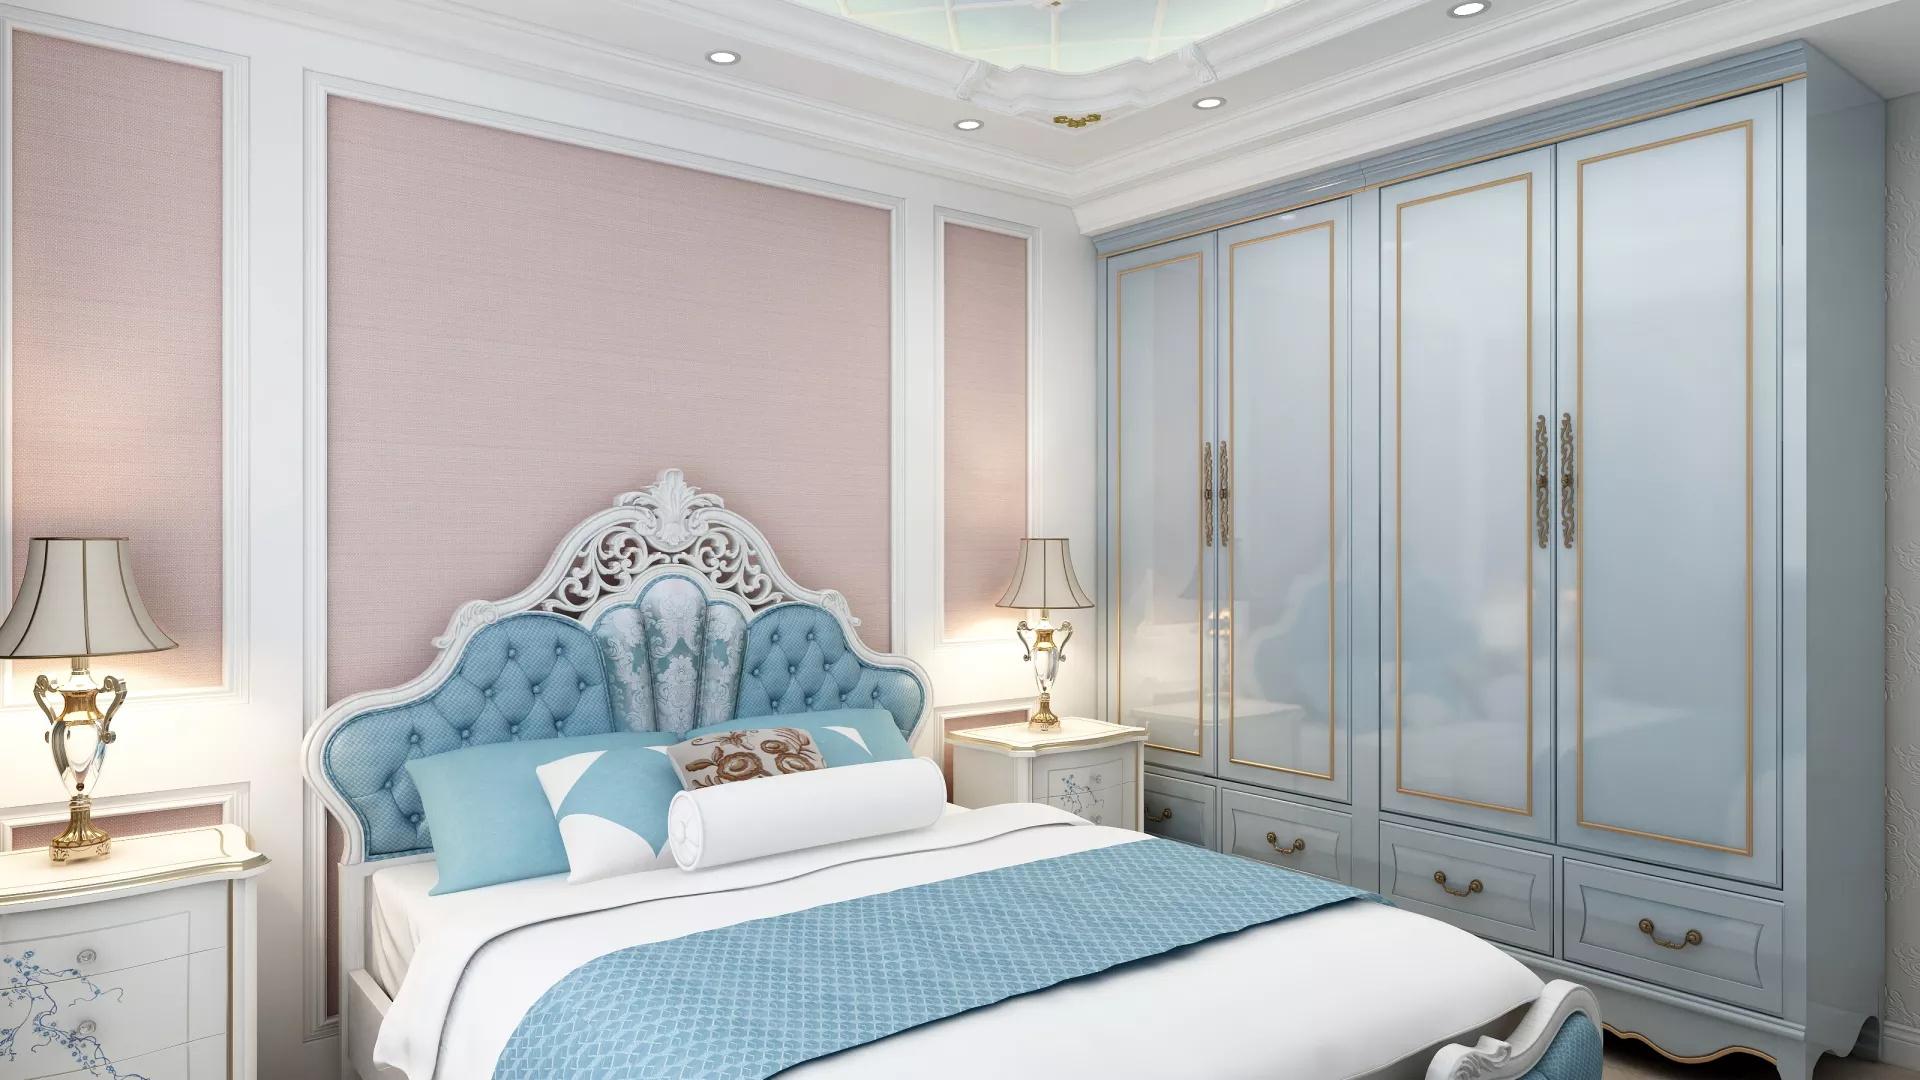 家里的窗帘杆怎么安装 窗帘杆安装施工步骤